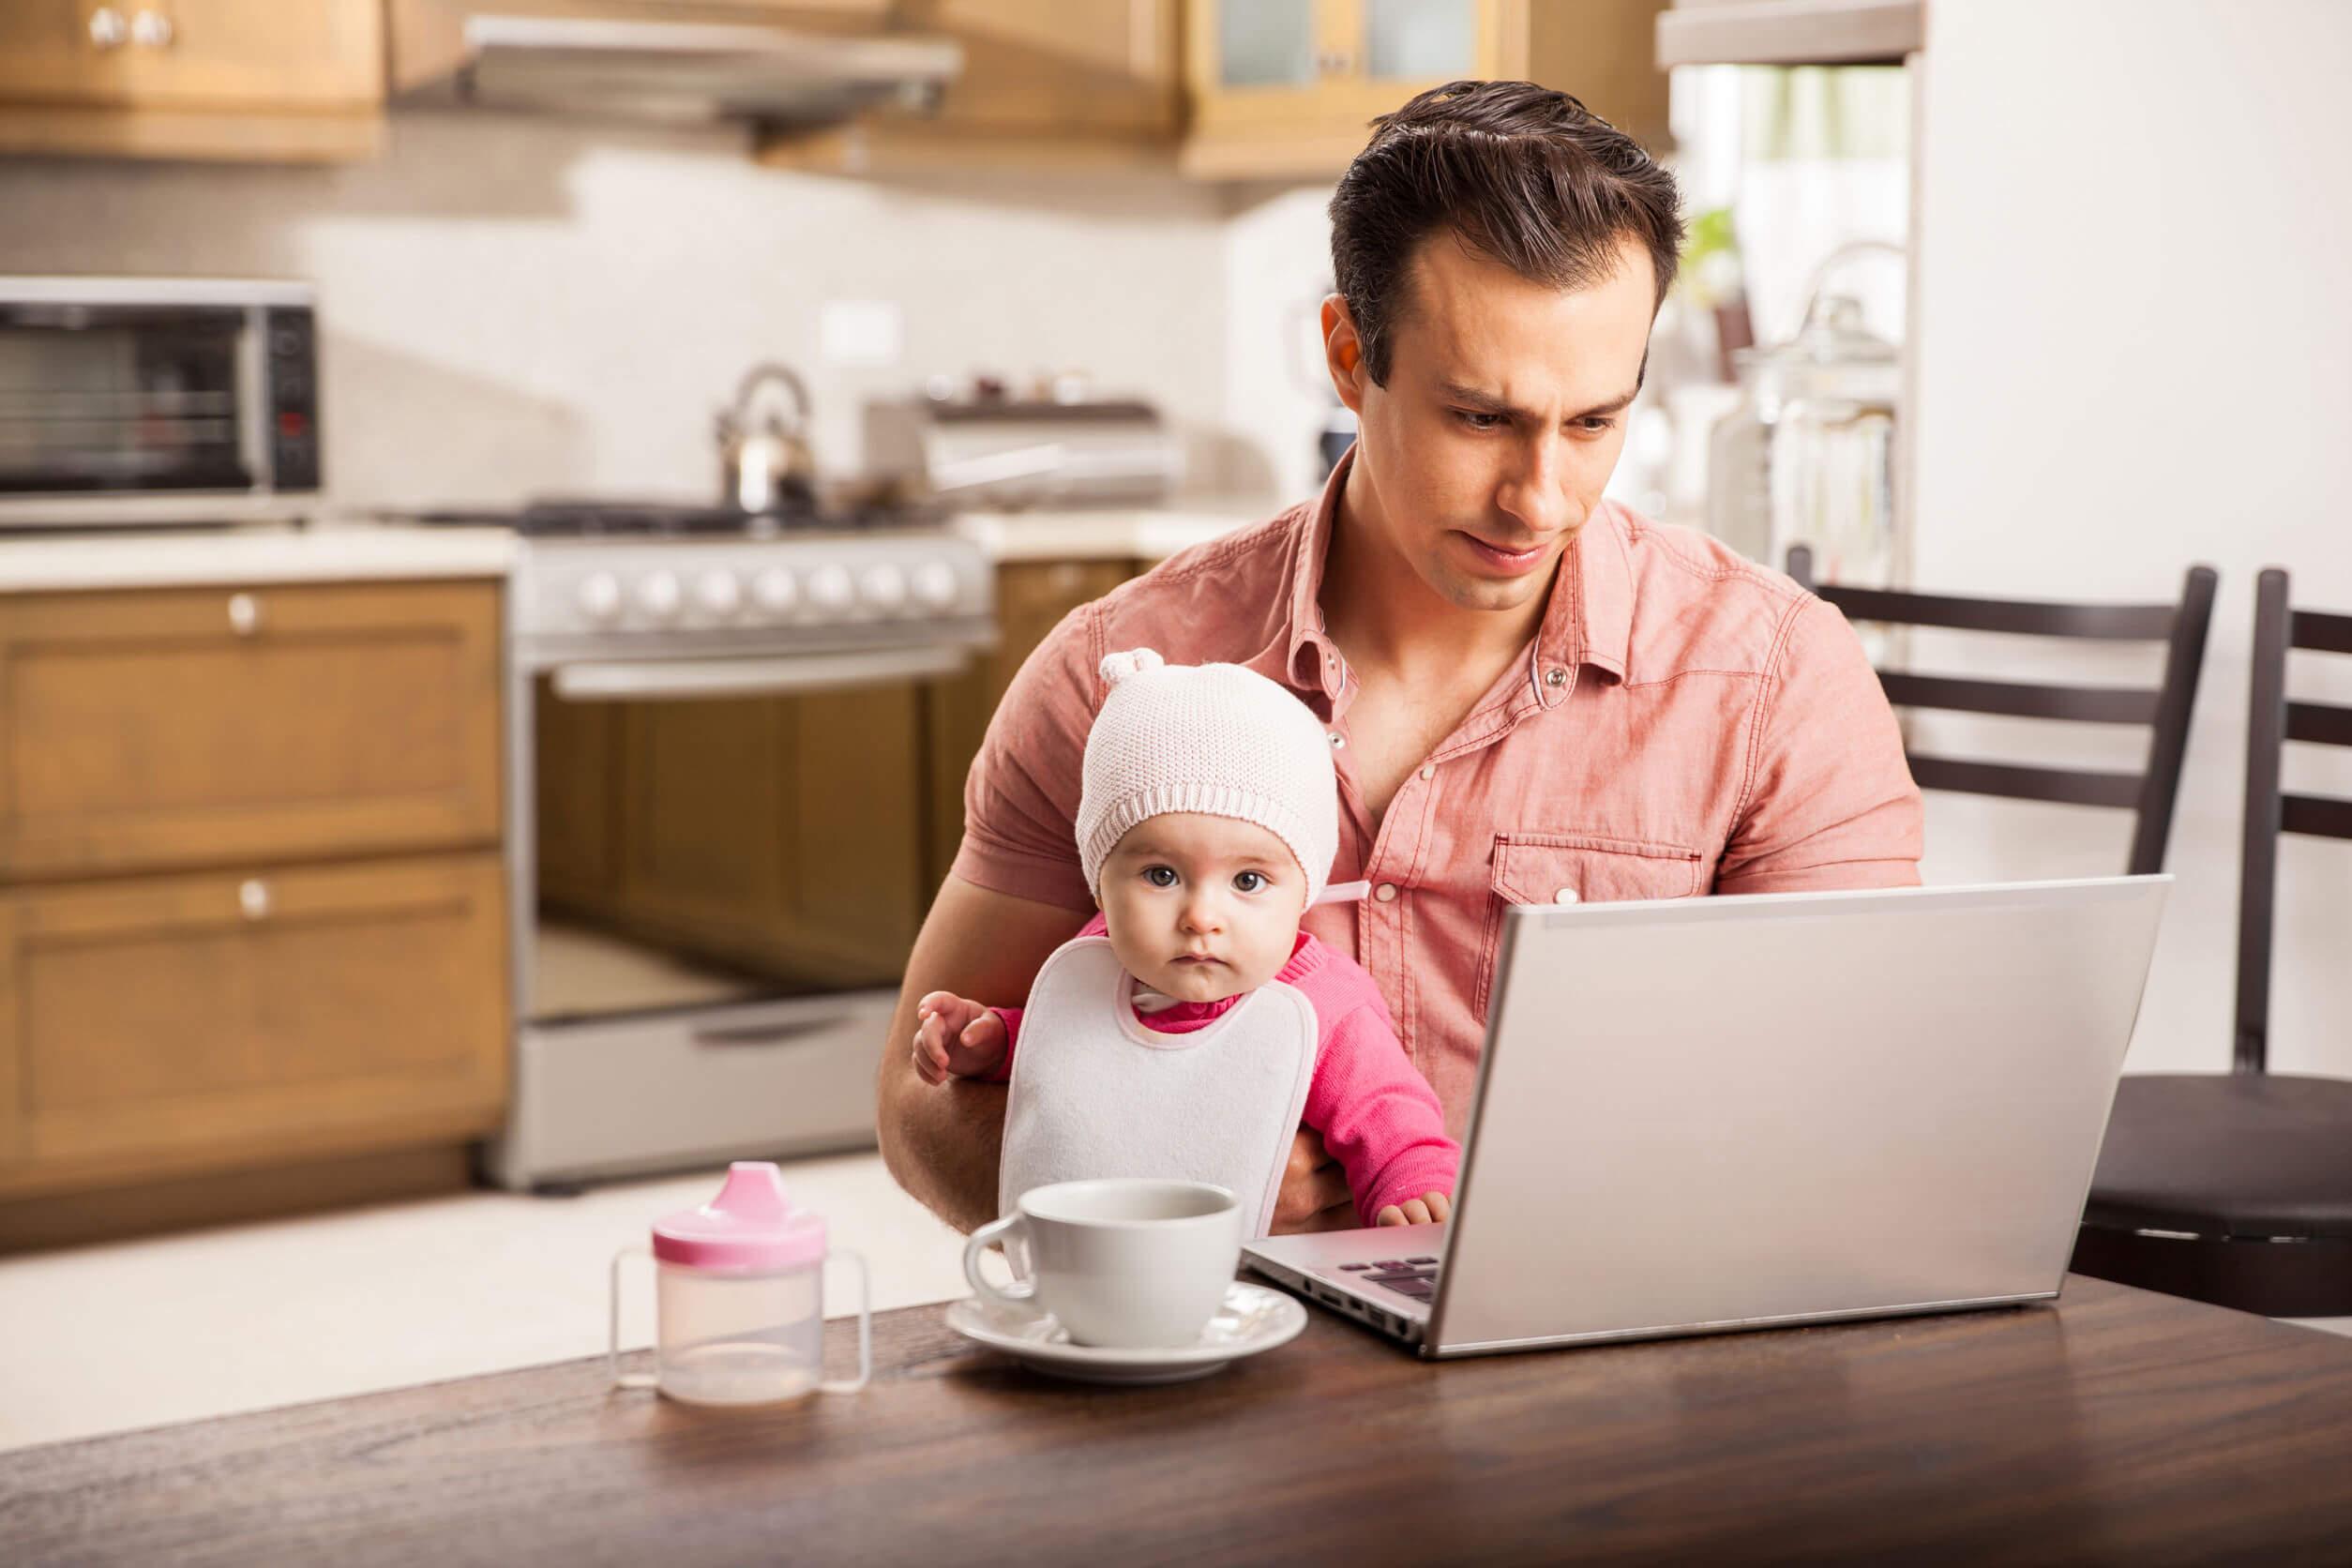 Padre cuidando a su hijo mientras teletrabaja, uno de los retos actuales de la paternidad.